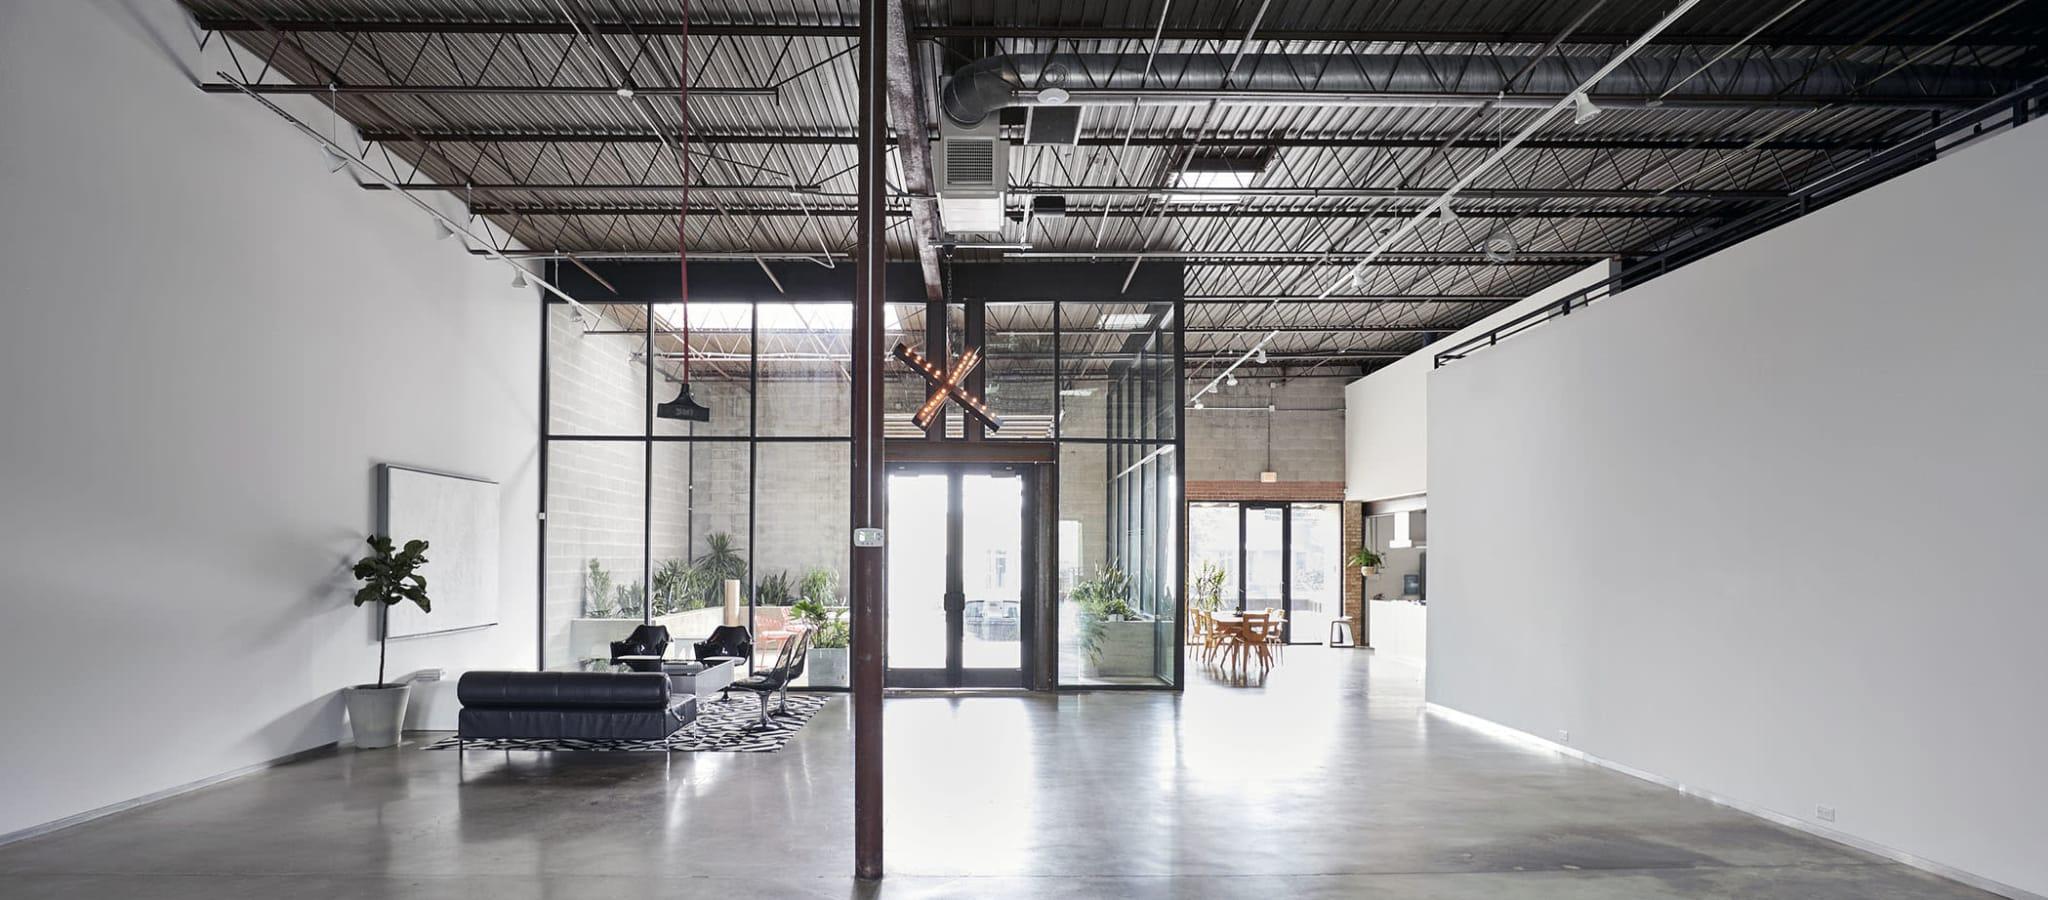 Garden Studio in the Dallas Design District